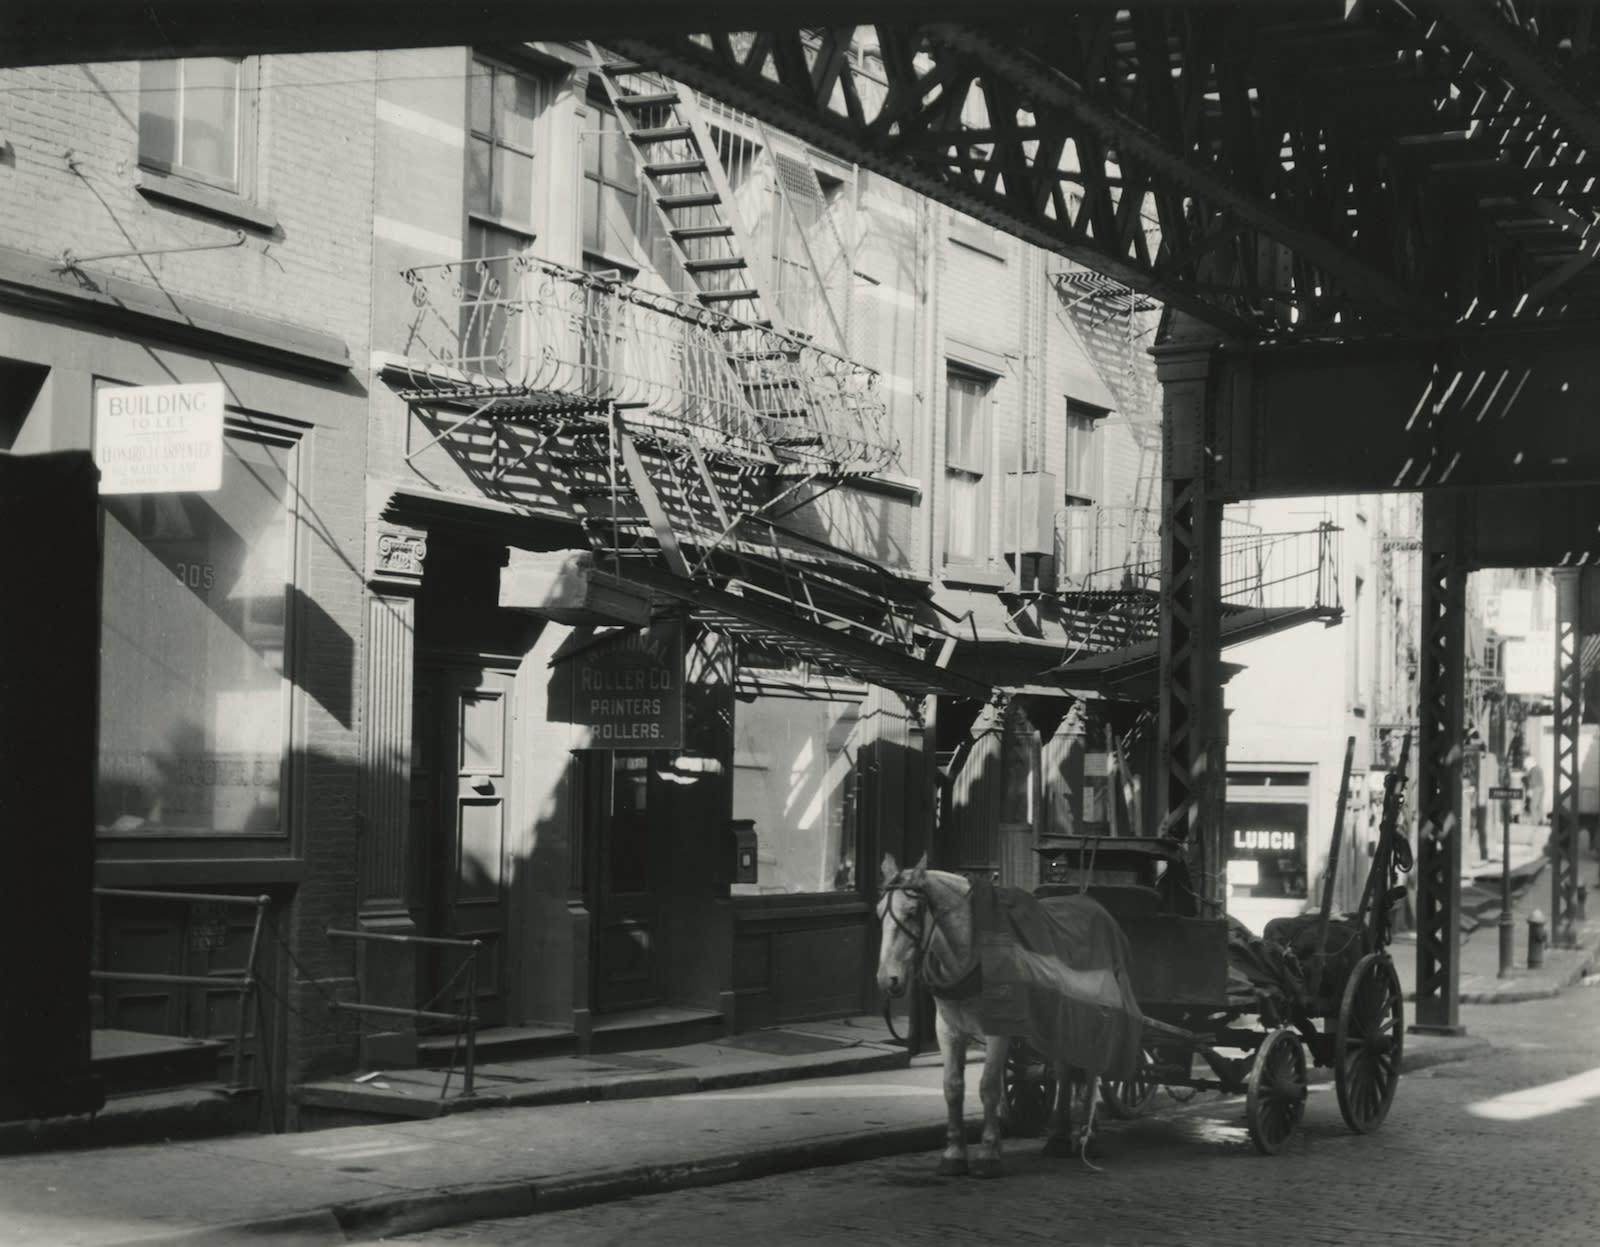 Berenice Abbott, Horse-drawn Carriage, New York, 1930